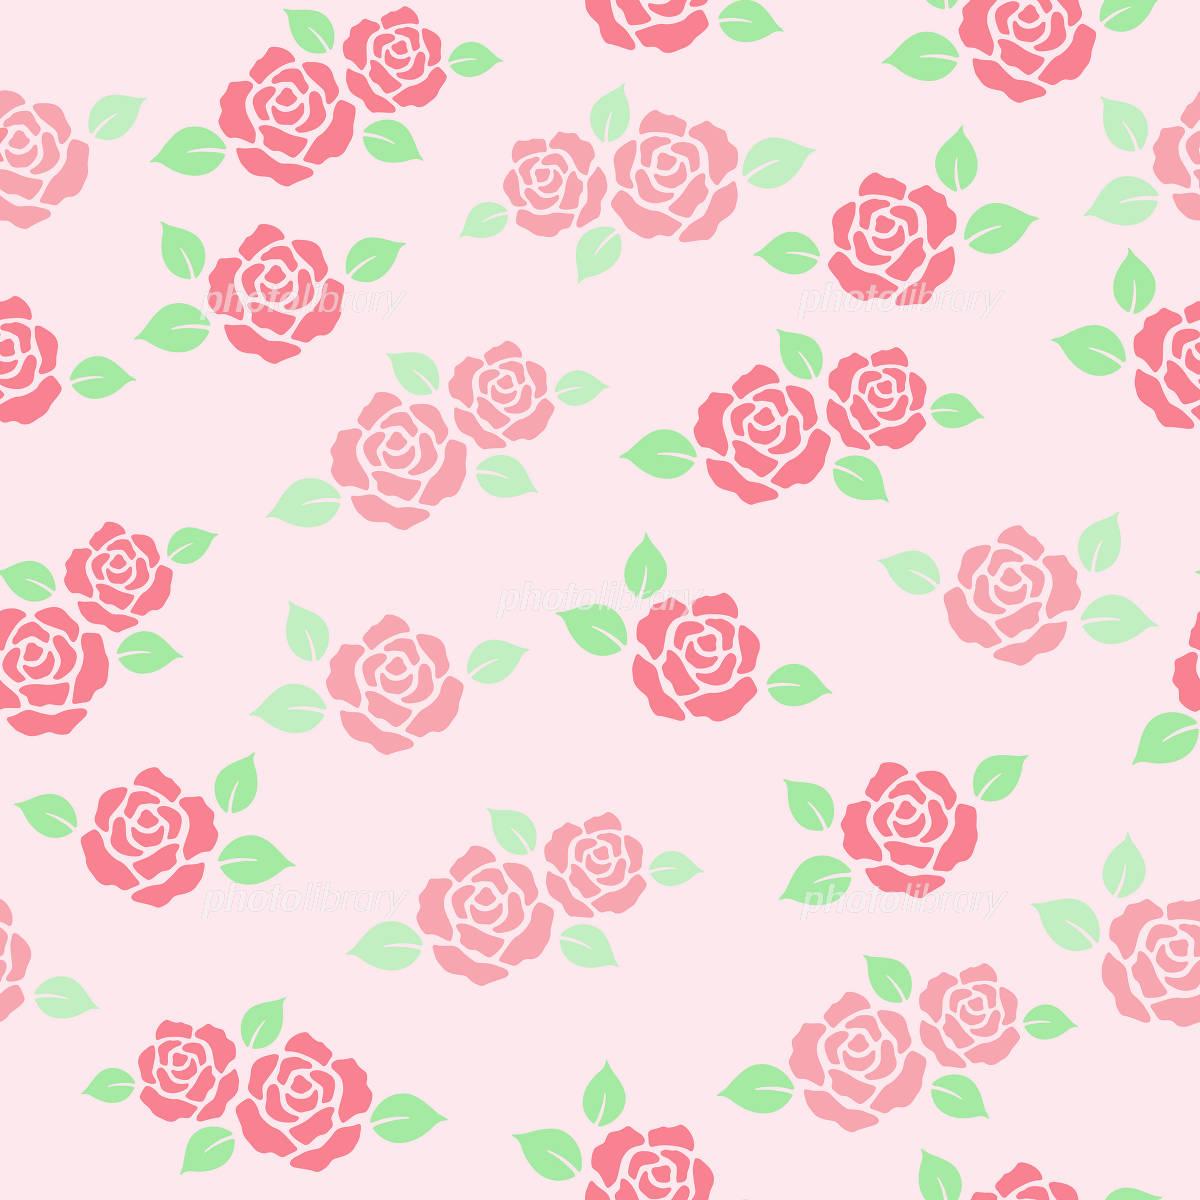 バラ背景 ピンク イラスト素材 [ 1074616 ] - フォトライブラリー